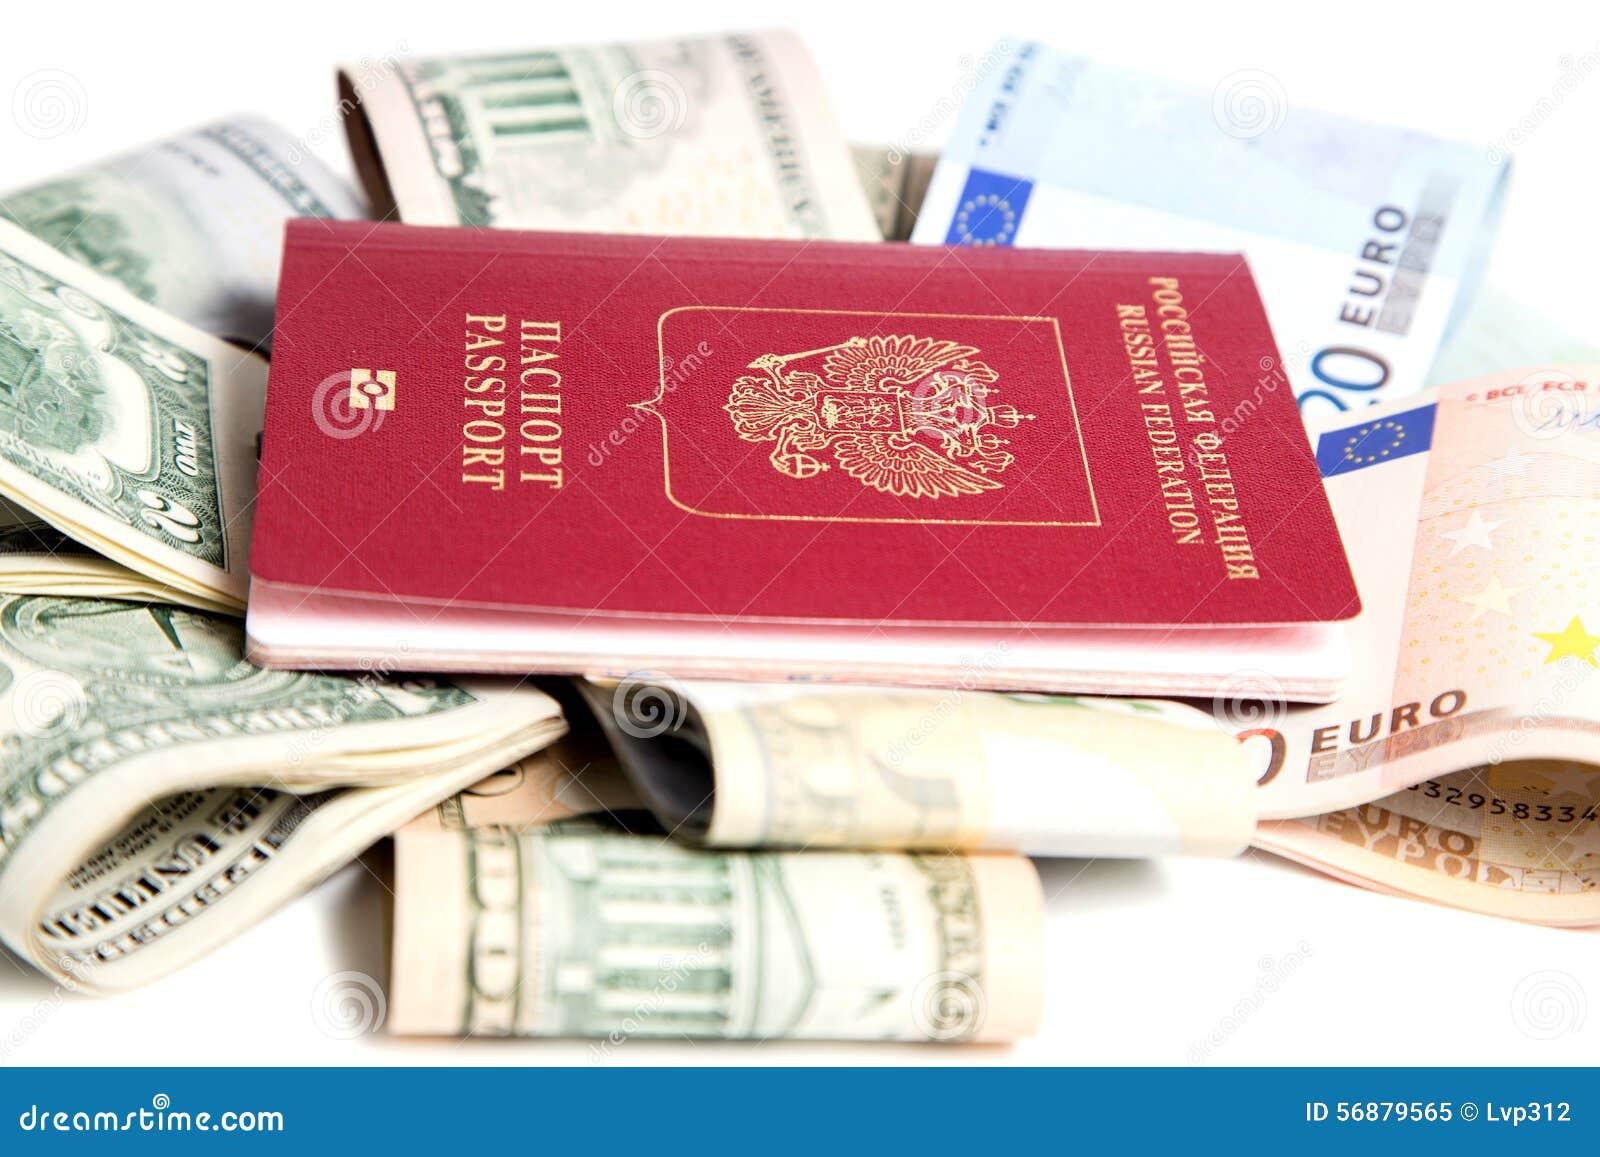 , Passaporto russo e valuta